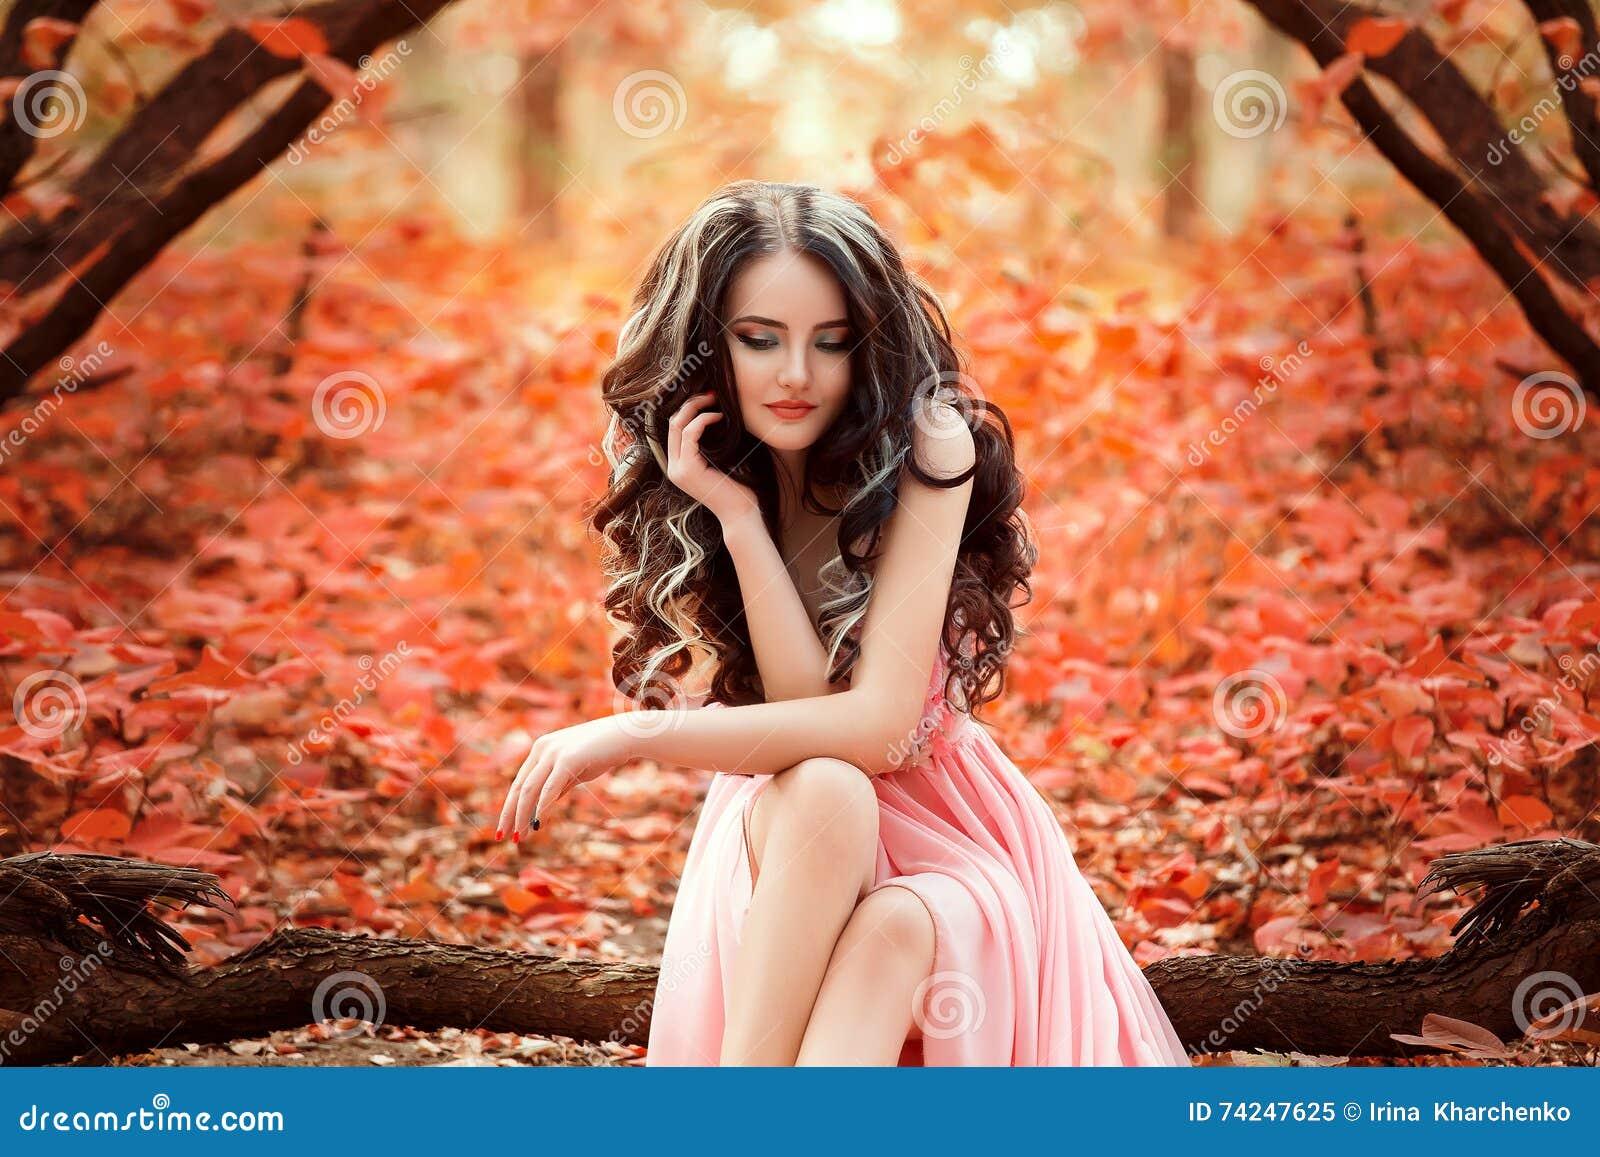 Дама в роскошном сочном розовом пастельном платье